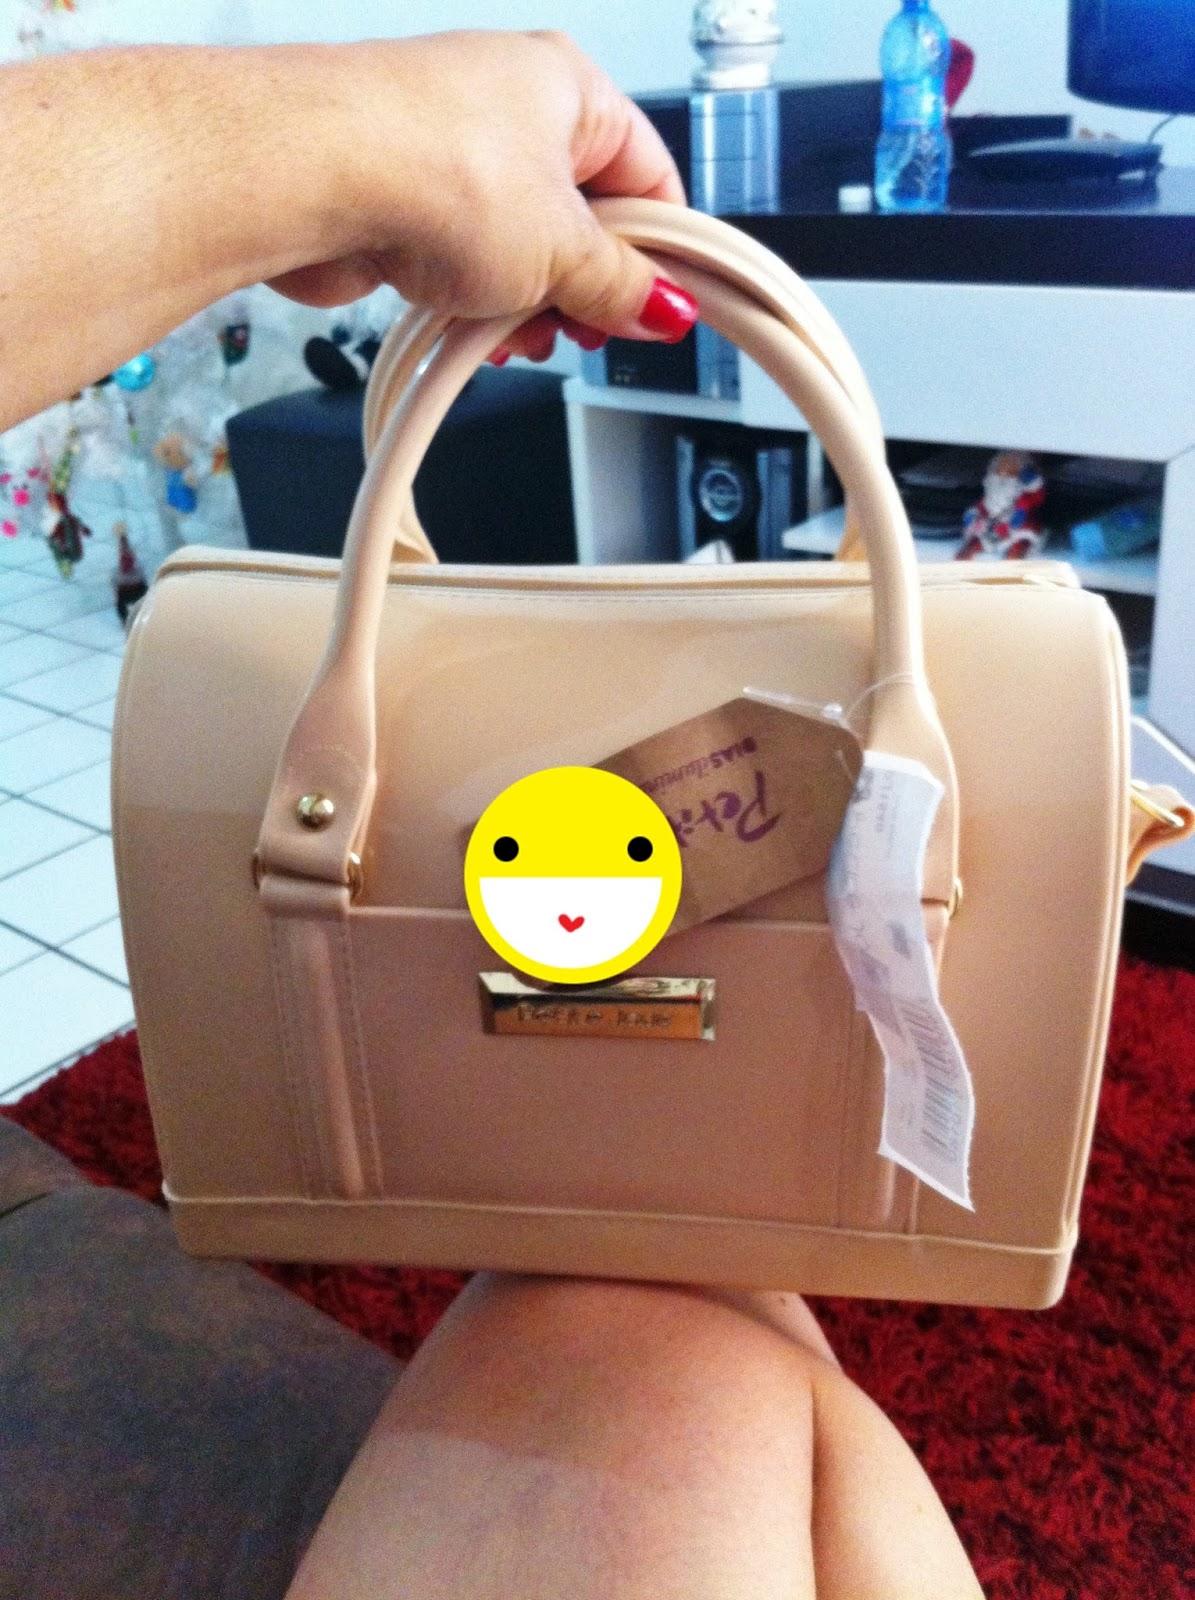 fc58f4023d Tô passando aqui só pra mostrar minha comprinha da semana...uma bolsa Petite  JUlie. Ela é fofa